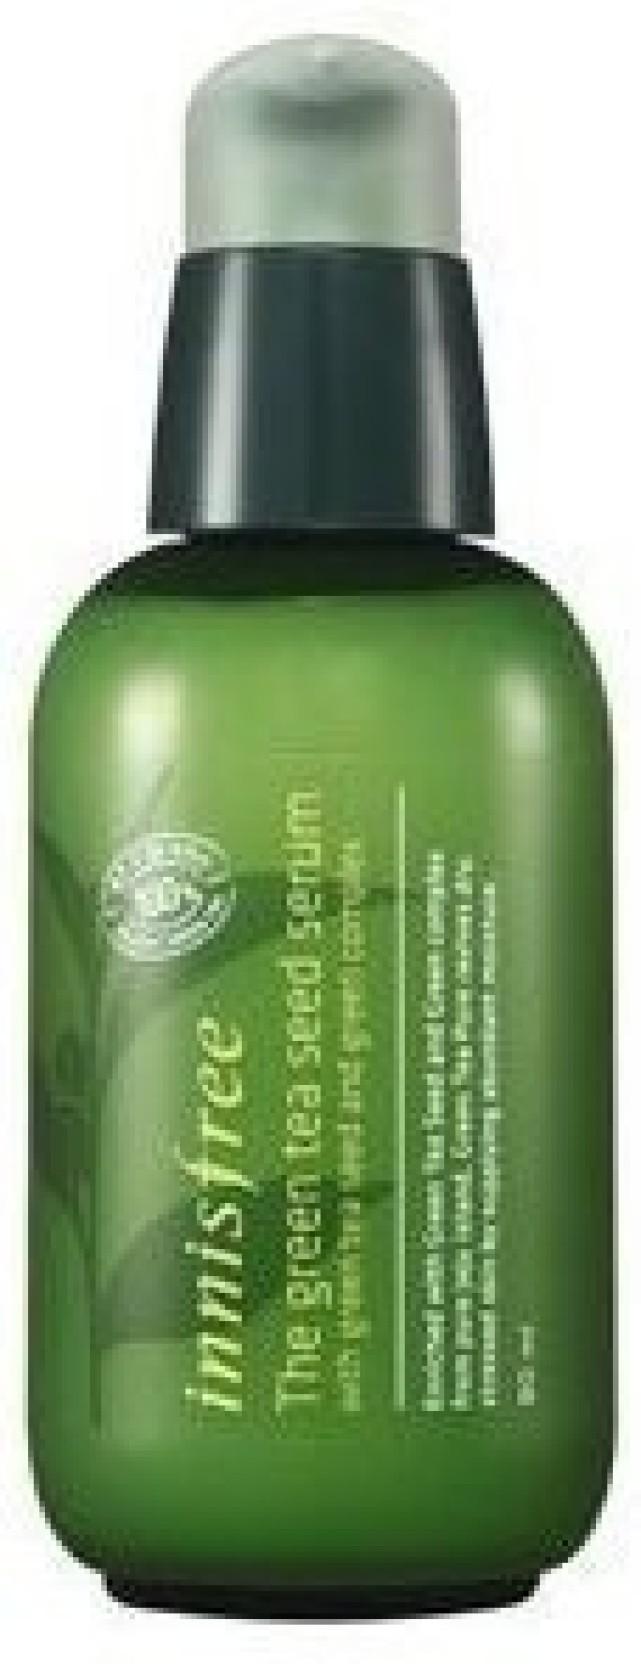 Harga Dan Spesifikasi Innisfree The Green Tea Seed Serum 80ml Setelan Jumper Pendek Celana Panjang Carteramp039s Gril Price In India Buy Share